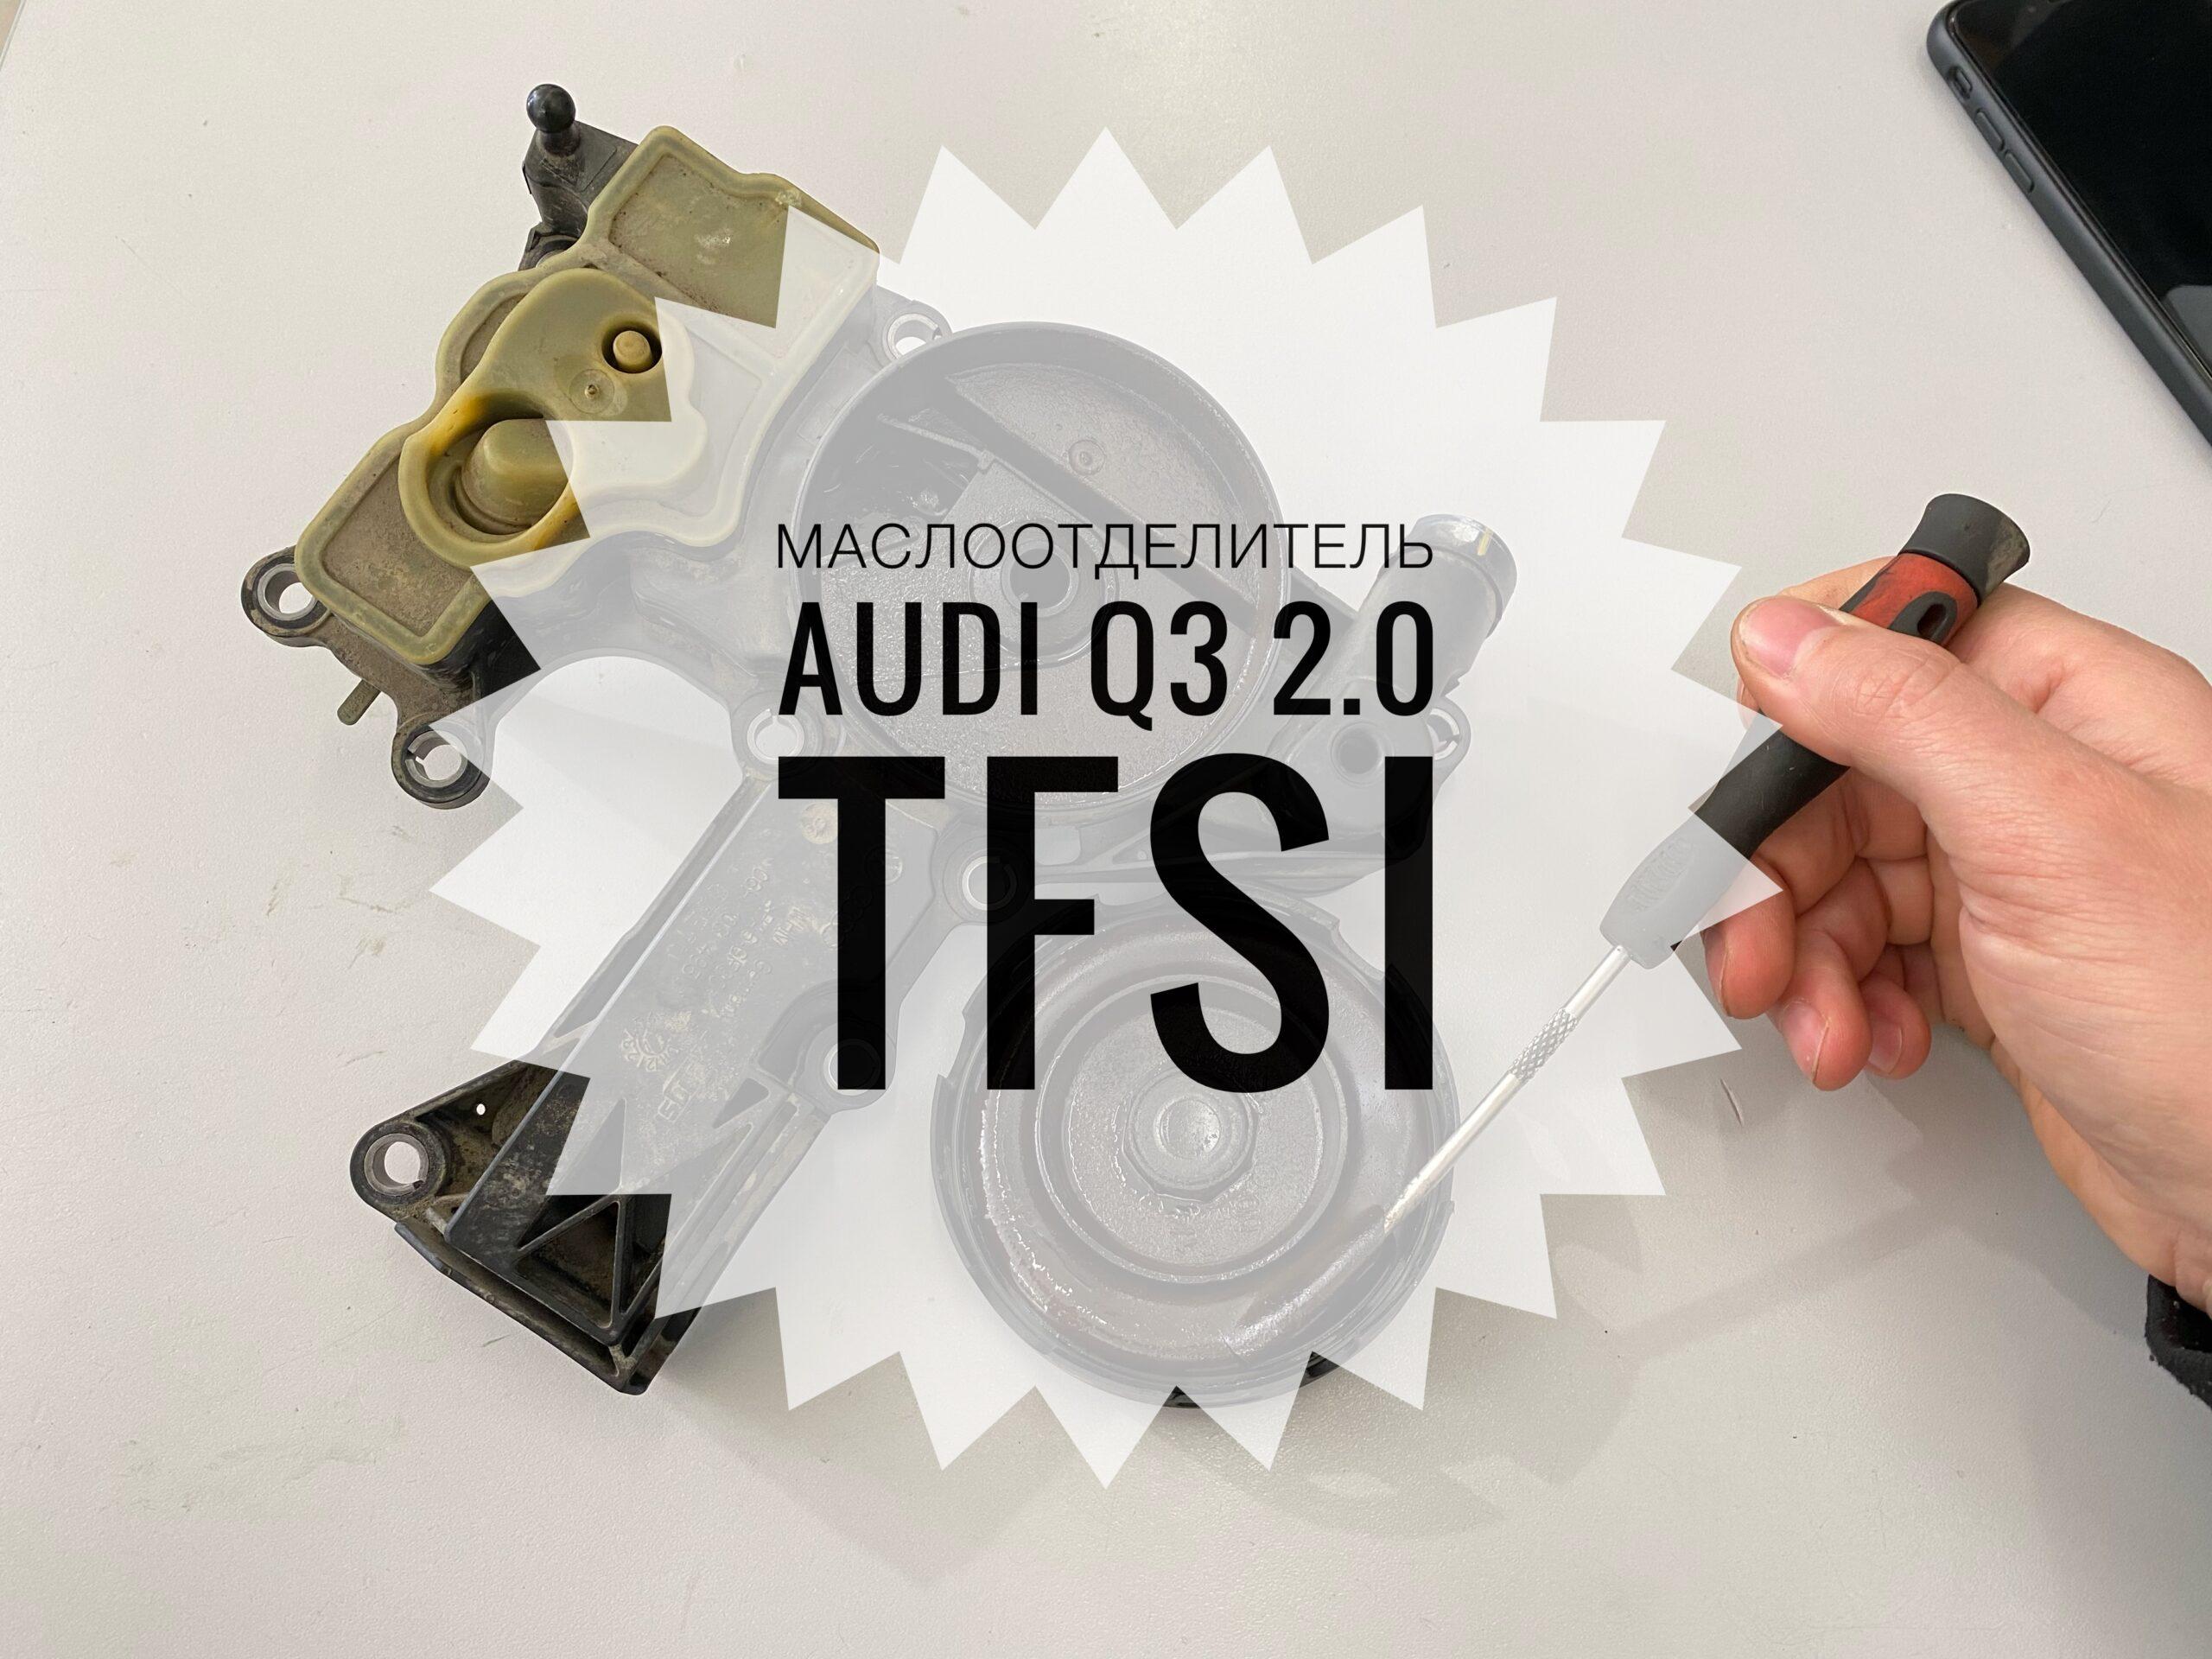 Замена маслоотделителя Audi Q3 2.0 TFSI (EA888 Gen2)